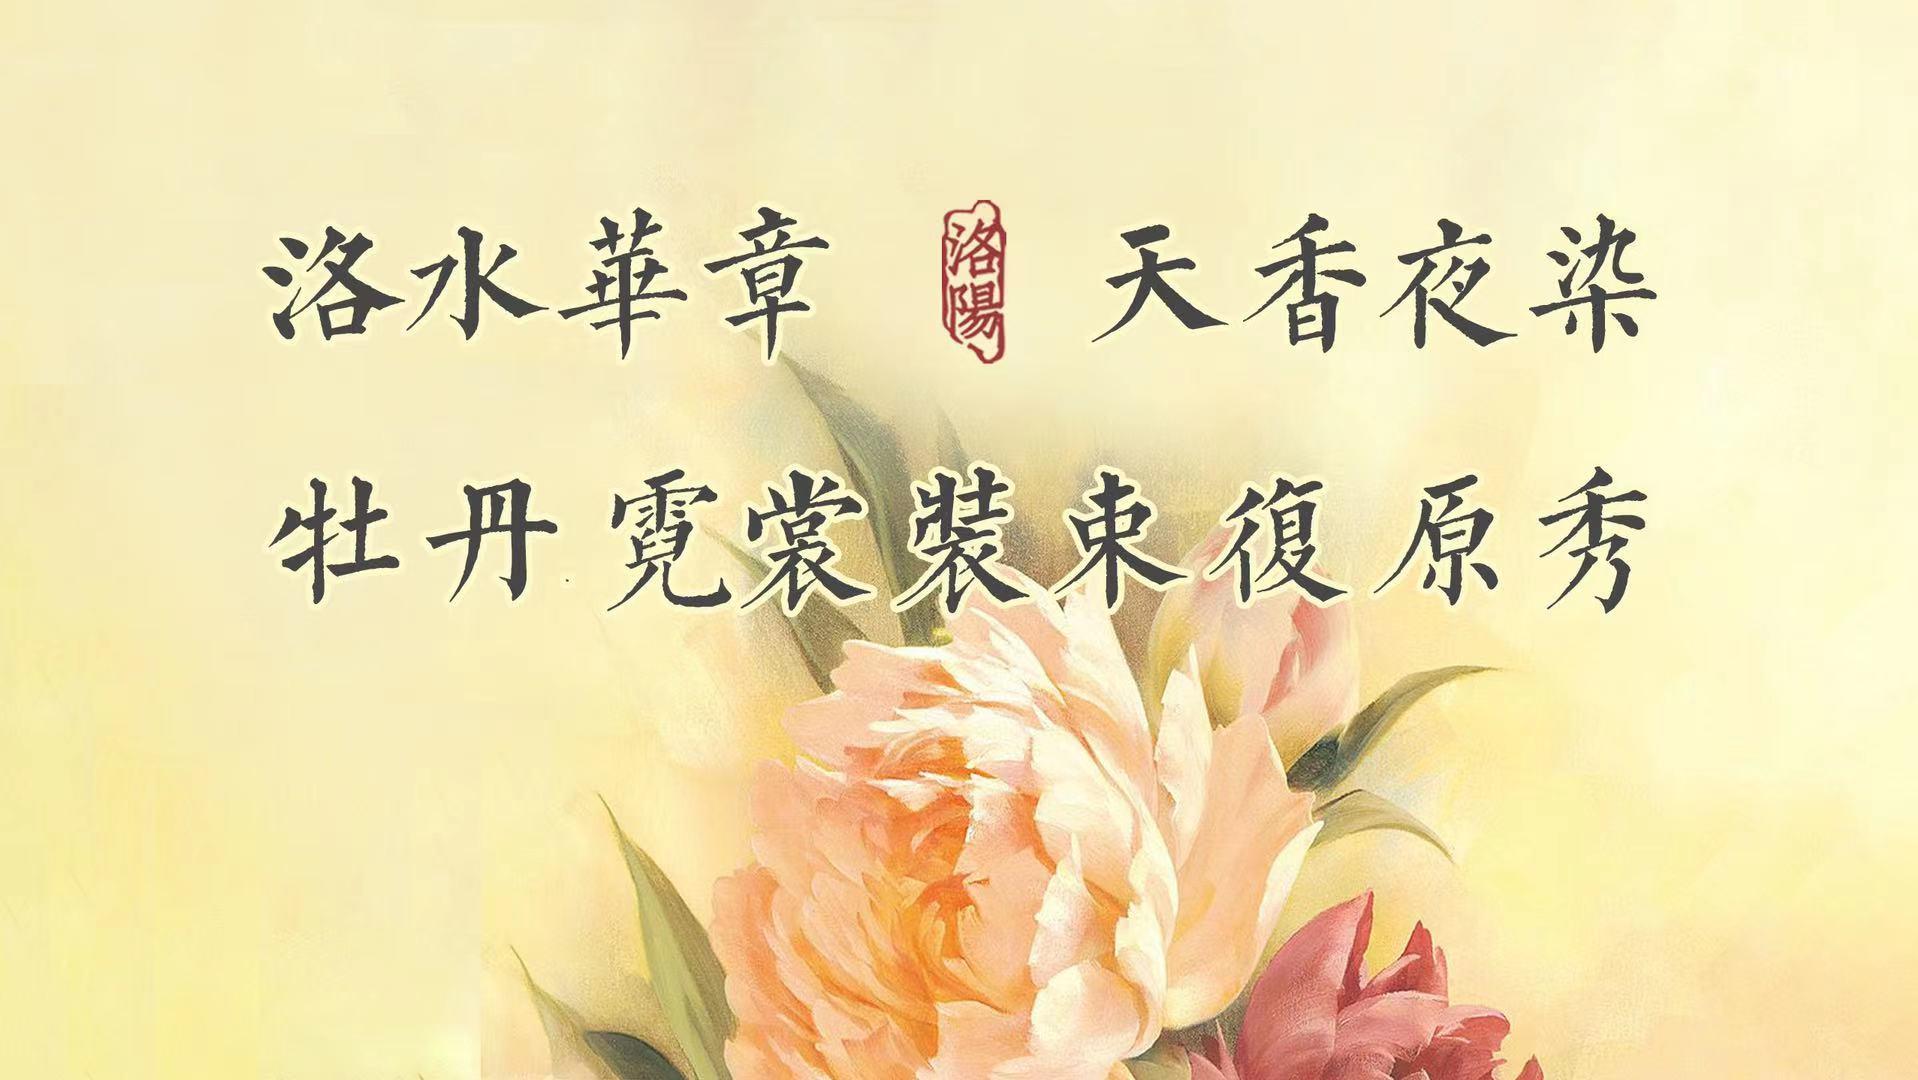 【直播】洛水华章 天香夜染——牡丹霓裳装束复原秀